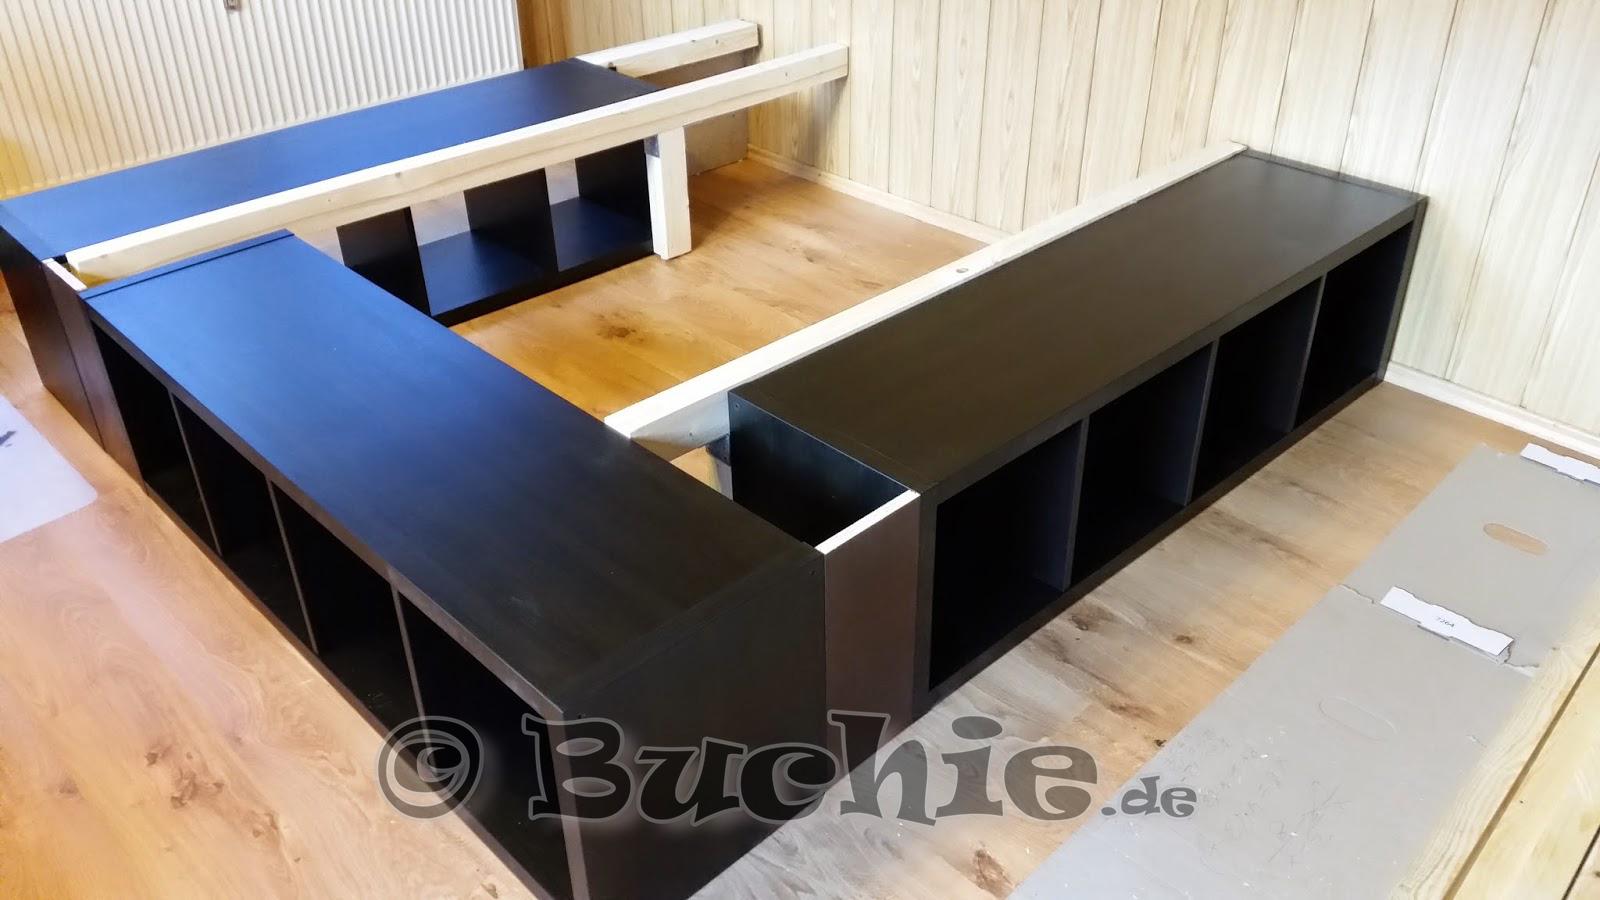 Ikea Hack So Wird Aus Kallax Regalen Ein Bett Buchie De